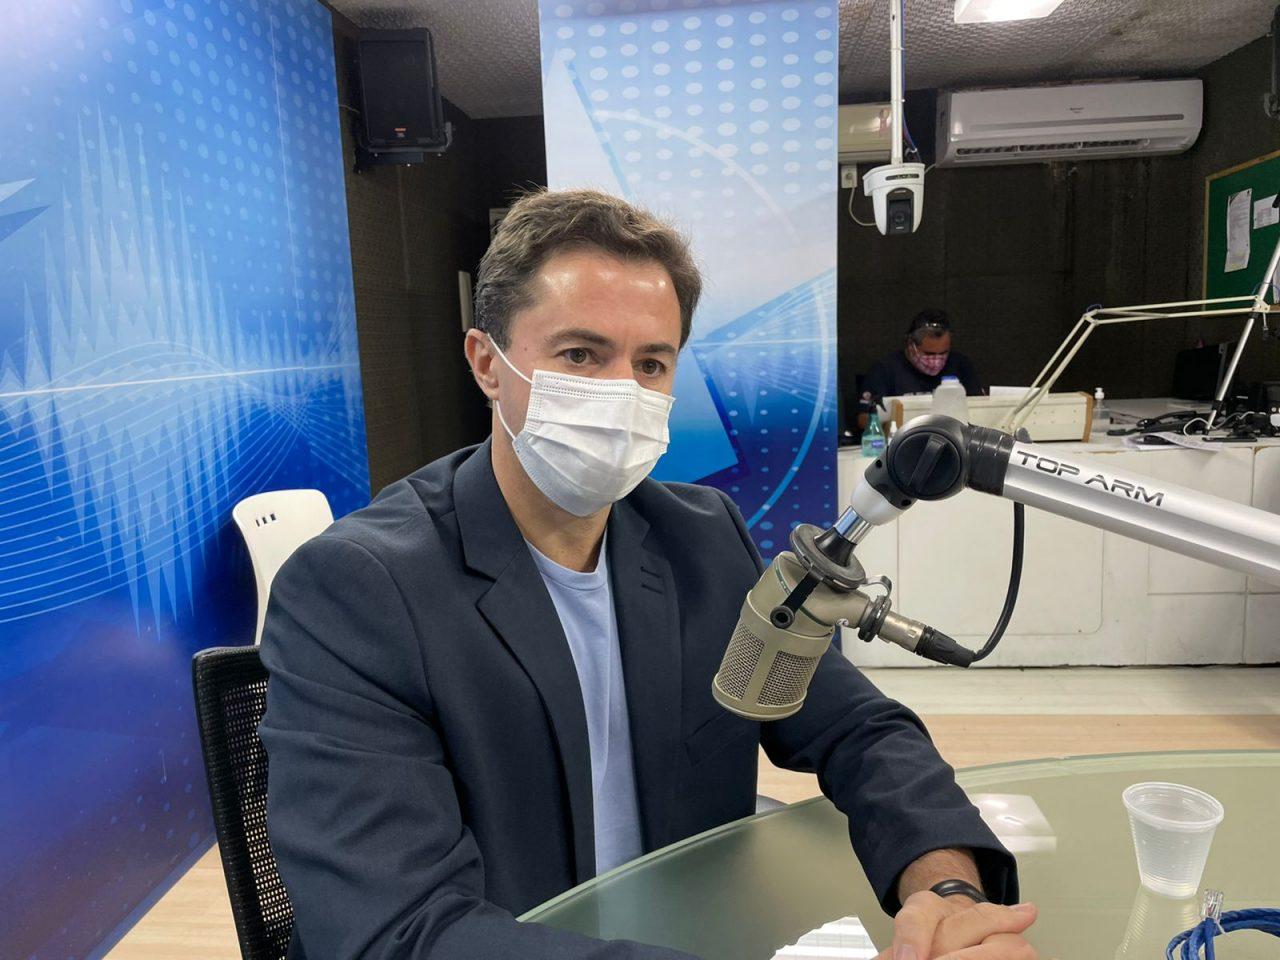 """8c084faf 8afd 493f ad4a 9caa6802ea03 scaled - Veneziano diz que objetivo de Bolsonaro é manter-se no poder, declara apoio a Lula e fala que estaria preparado para o governo da PB: """"um desejo que nunca escondi"""""""